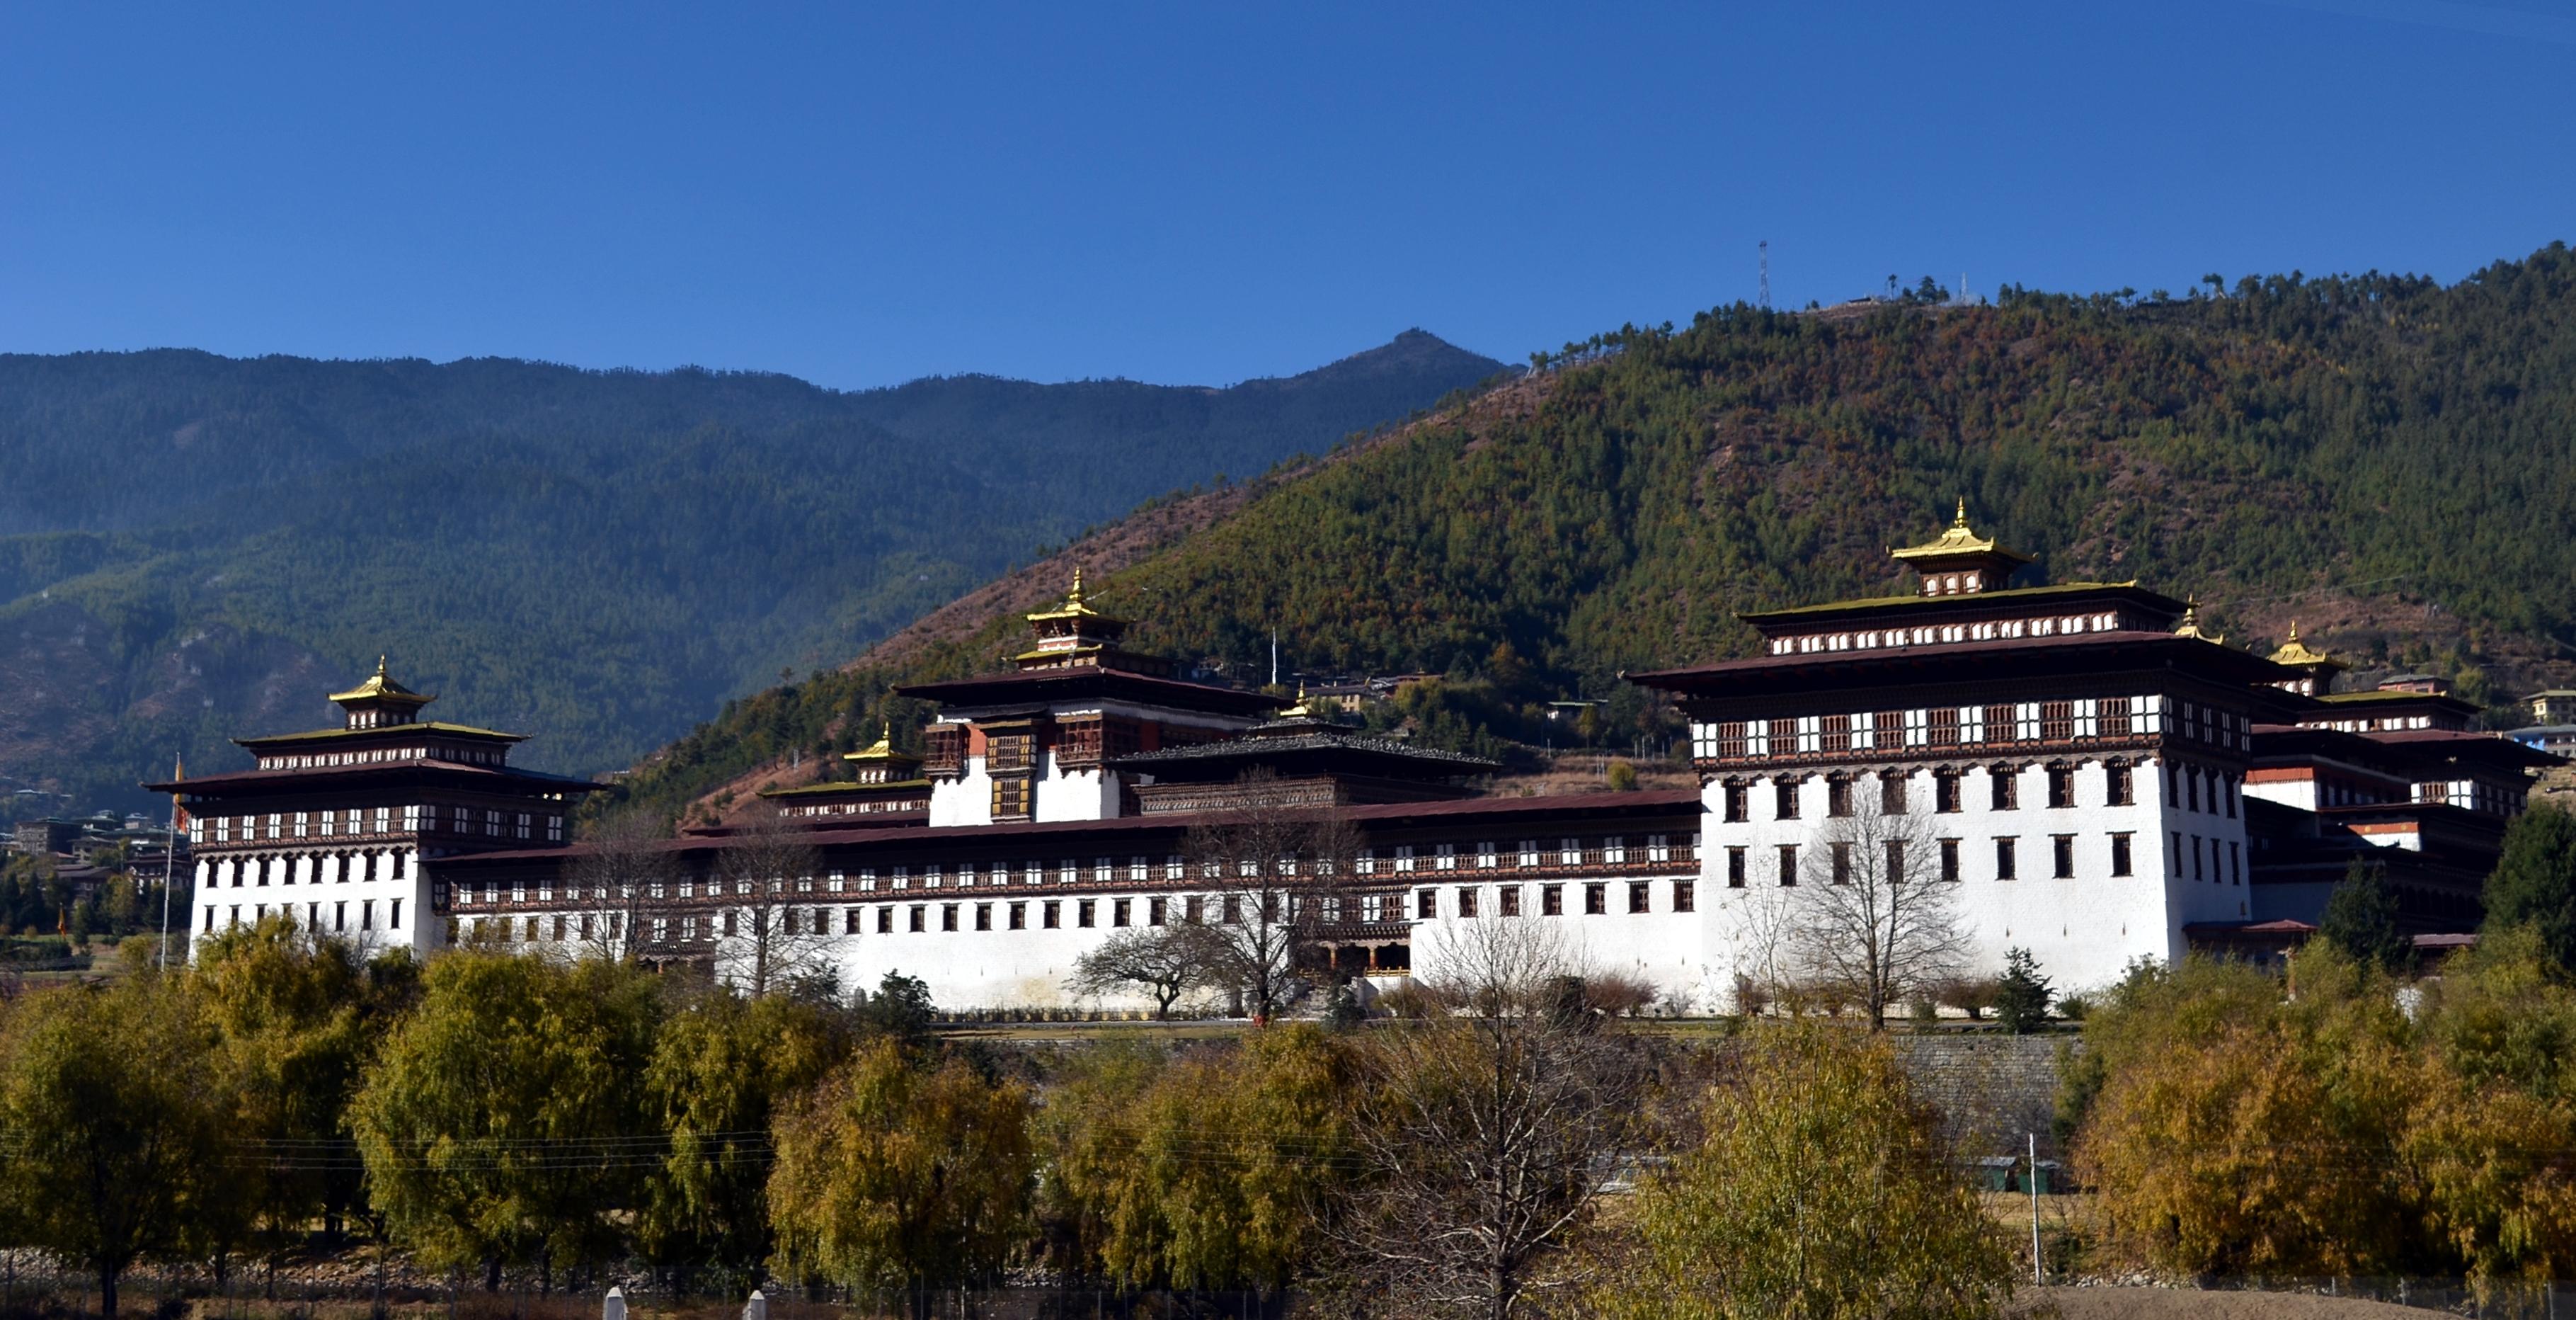 tashichho dzong thimphu bhutan dating